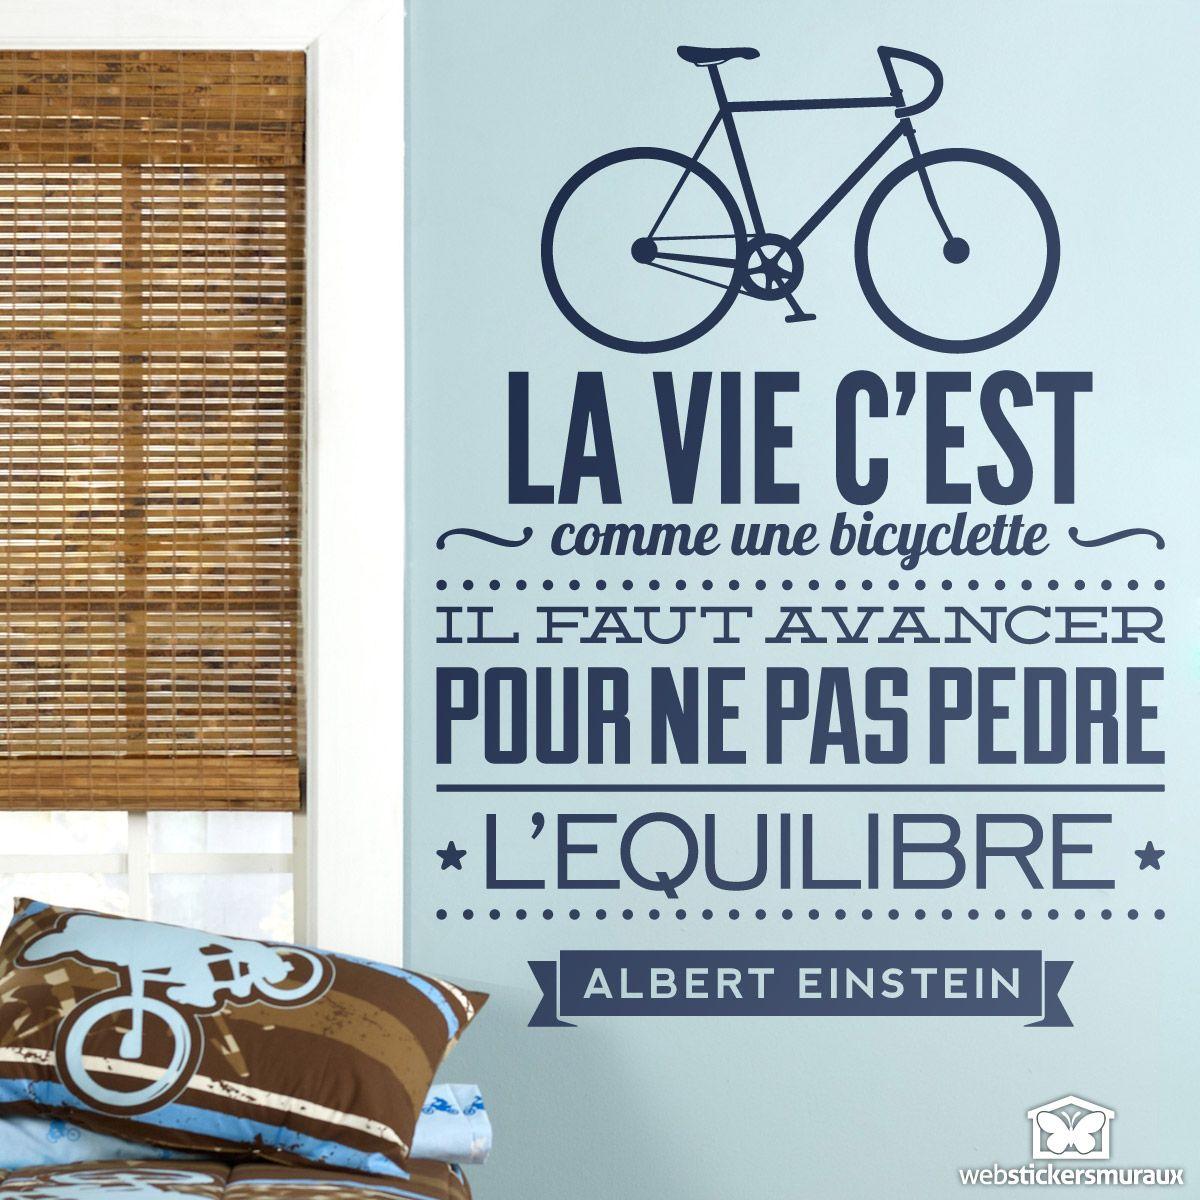 Vélo Autocollant mbuk Menthe Sauce Style rétro Vélo petite Citation